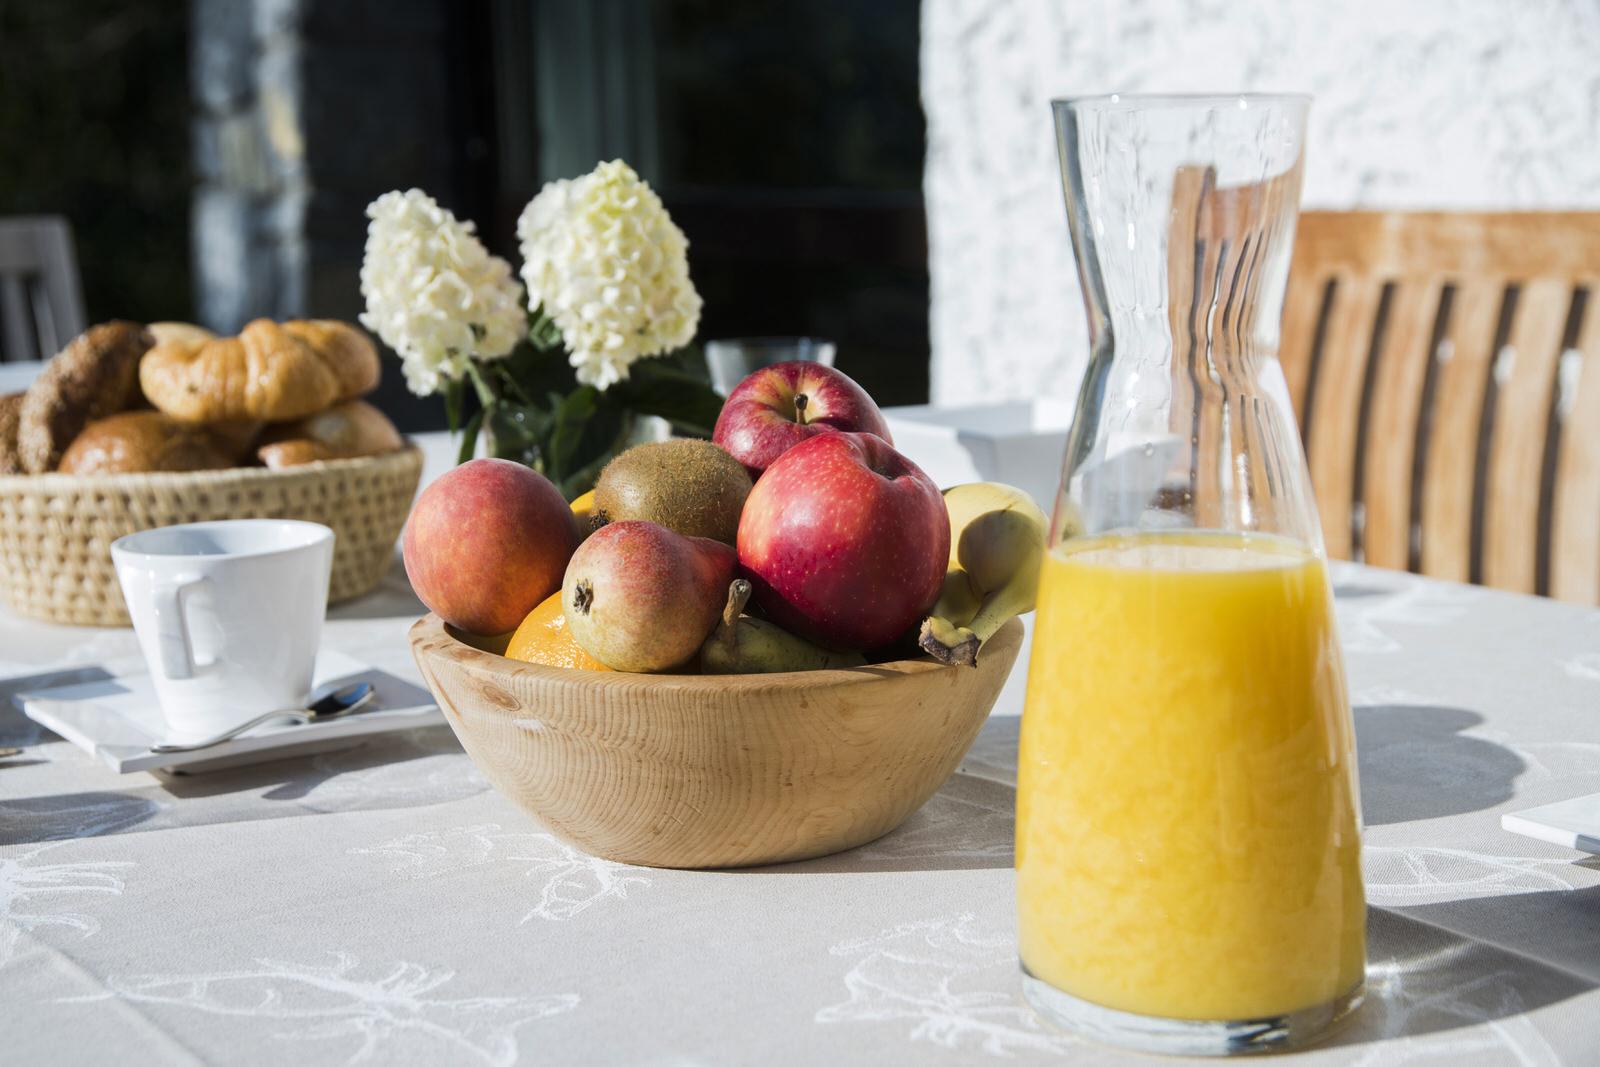 Rappakopf Forrest house in the Montafon - outdoor breakfast